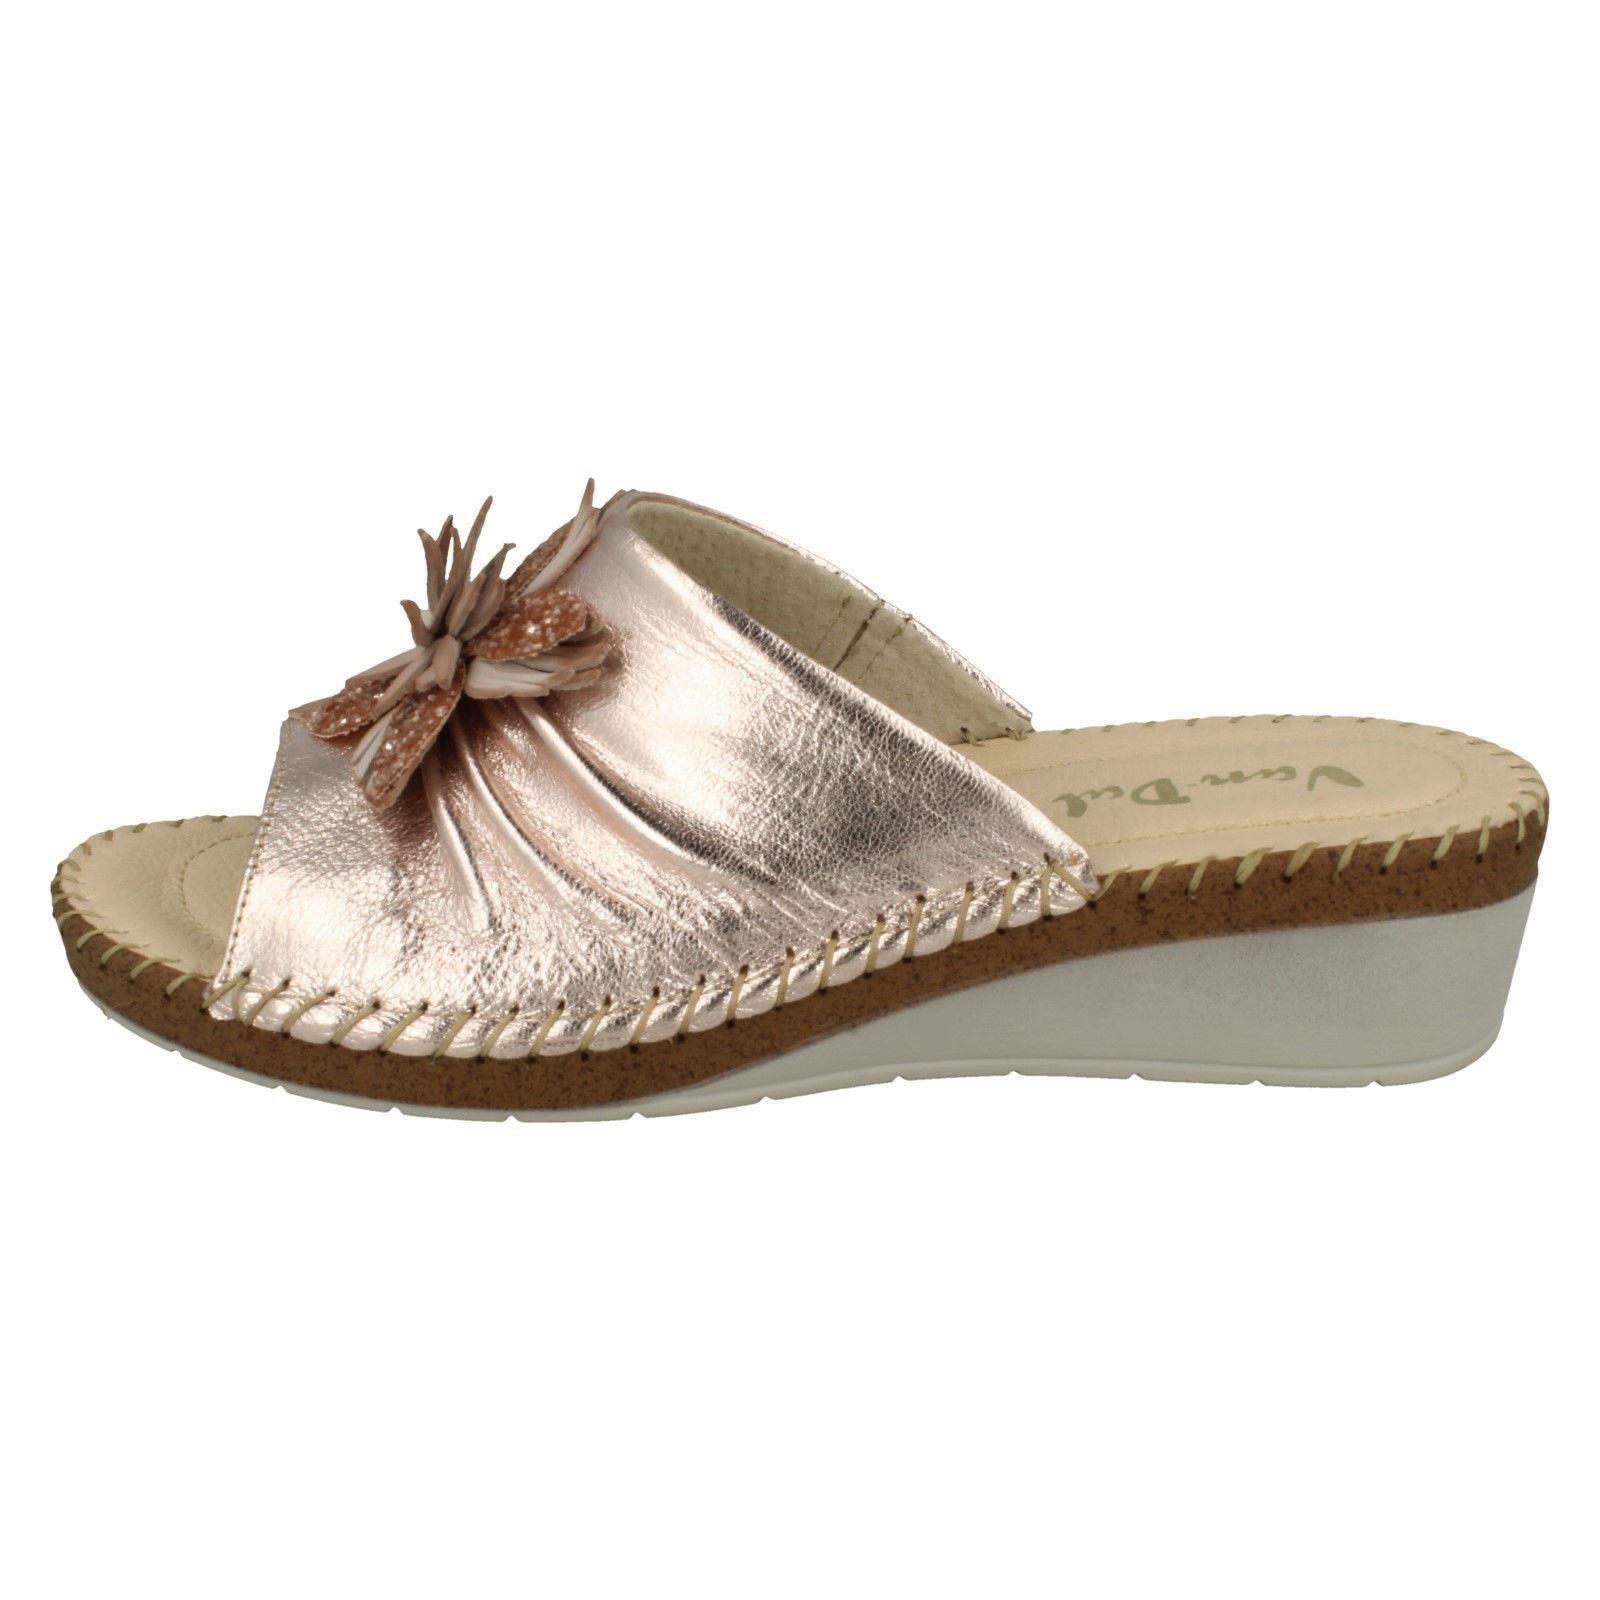 Ladies-Van-Dal-Wedge-Heel-Mule-Sandals-039-Banks-039 thumbnail 5